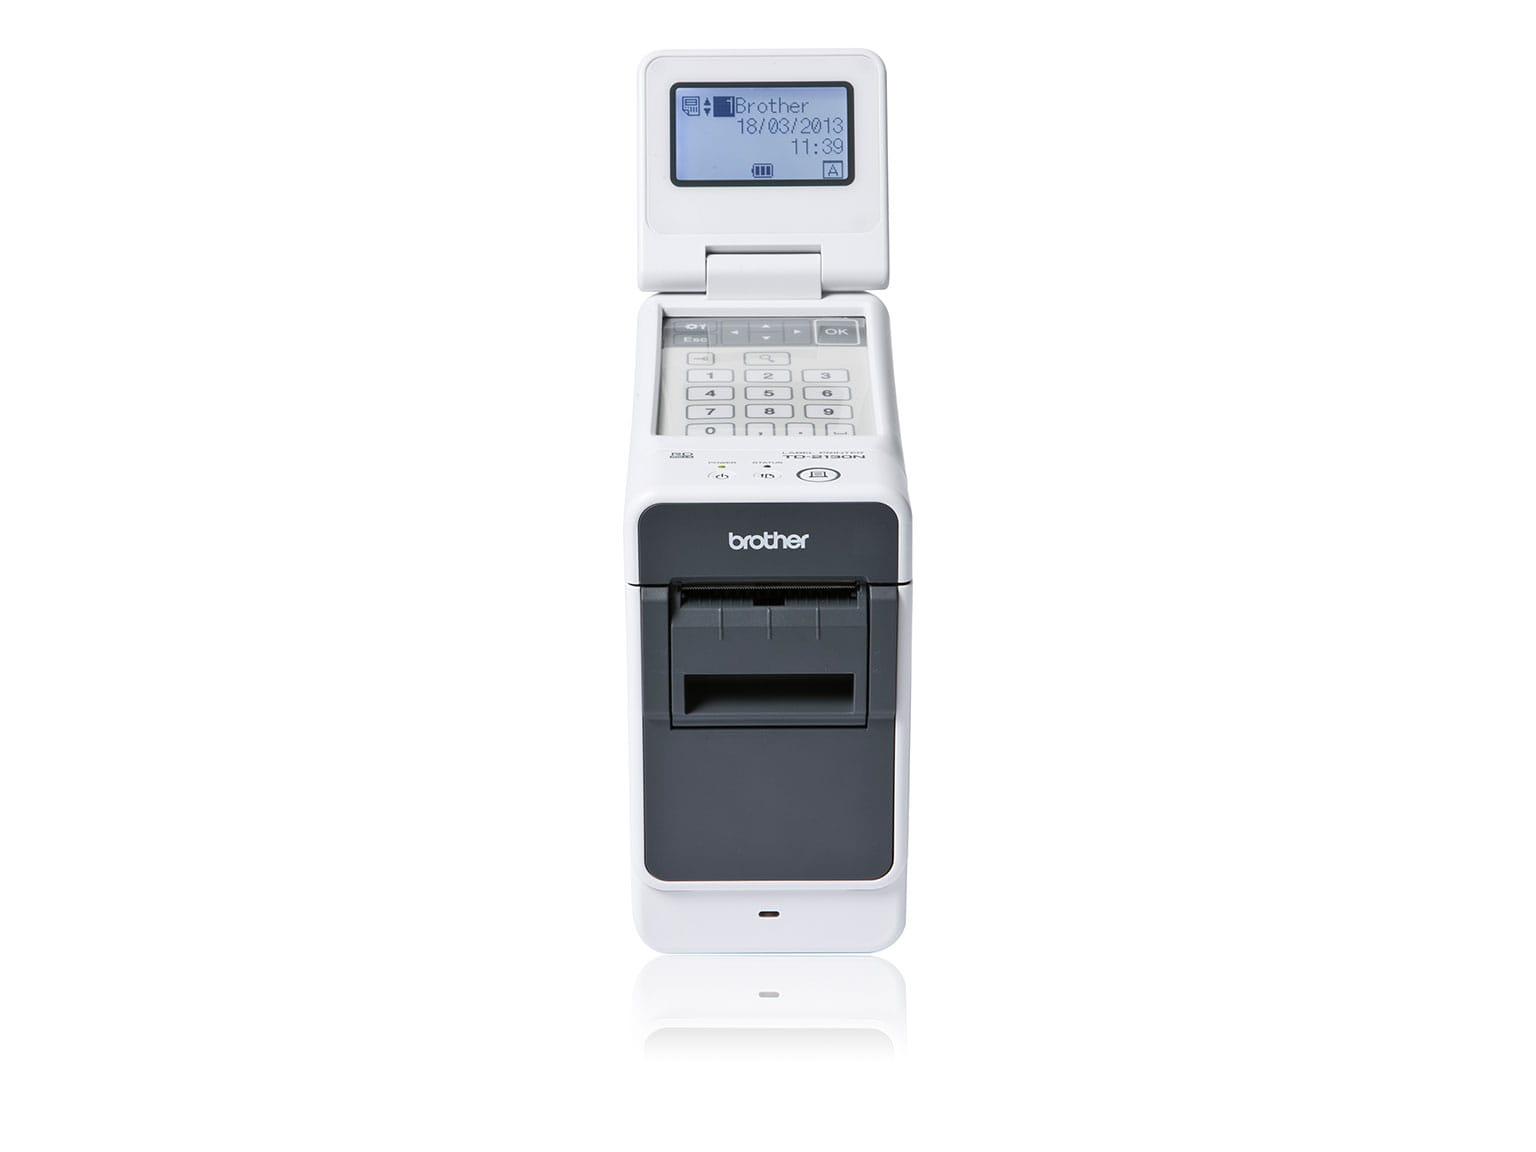 Přenosná tiskárna Brother TD-3120